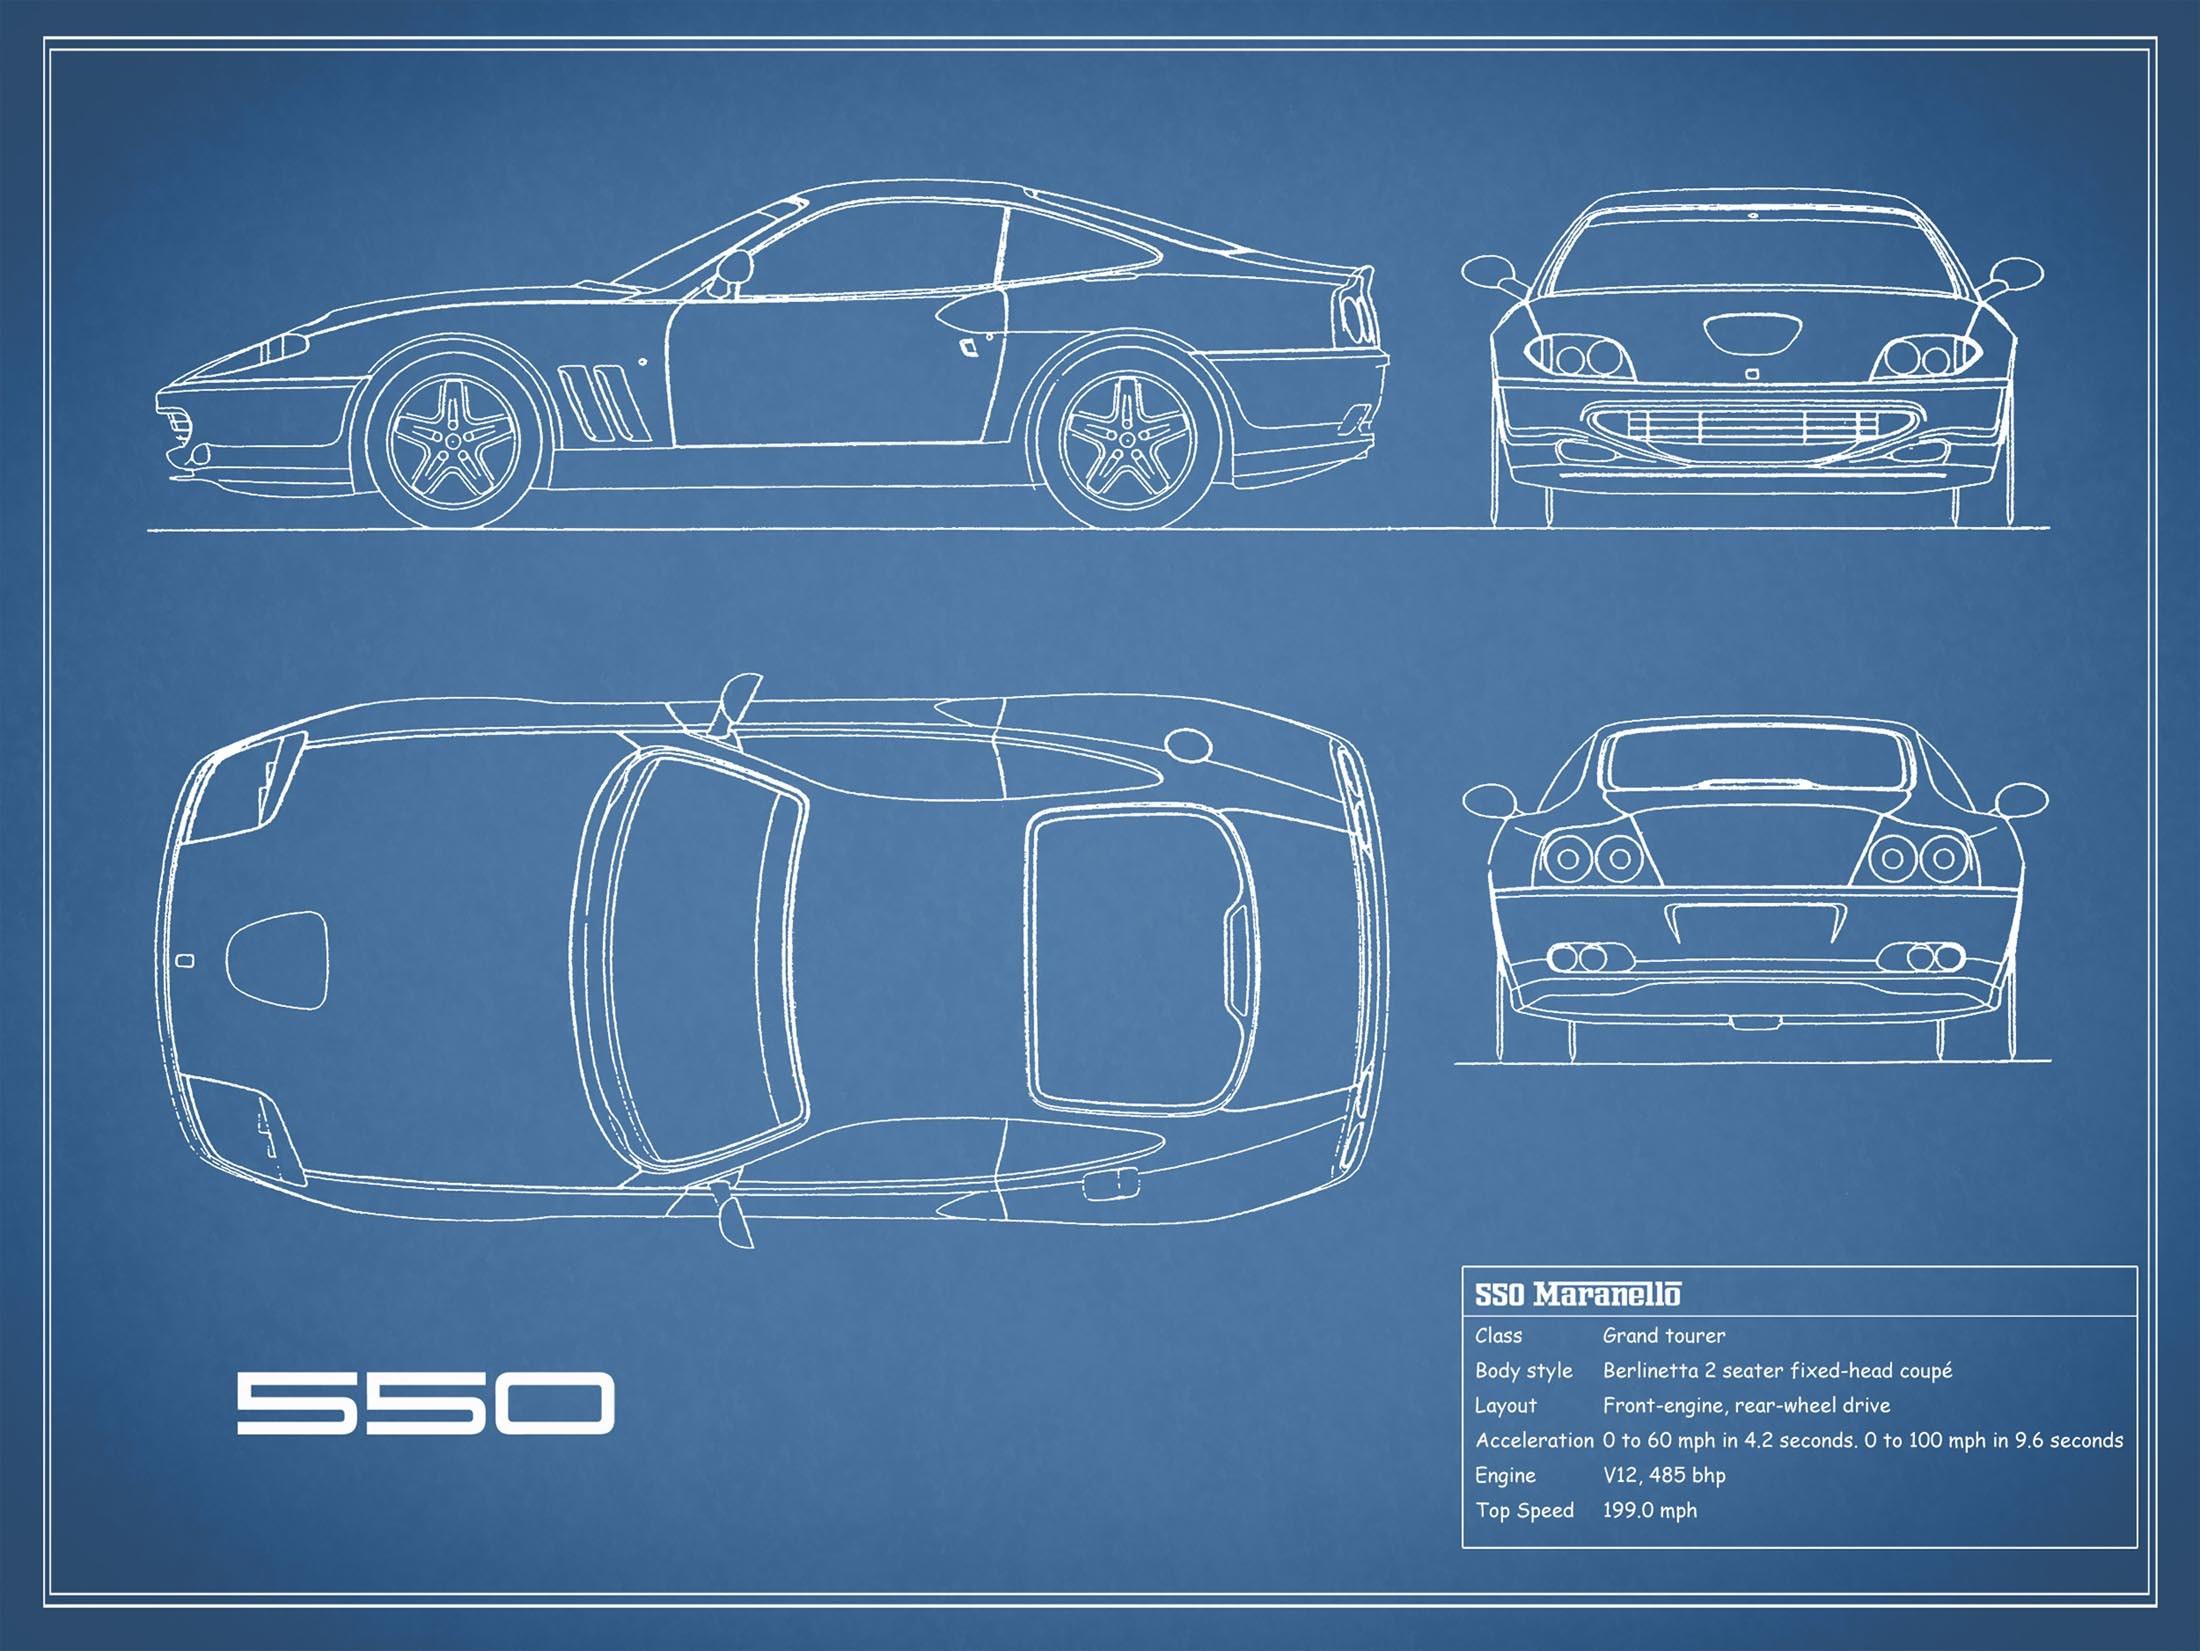 550 Maranello - Blue